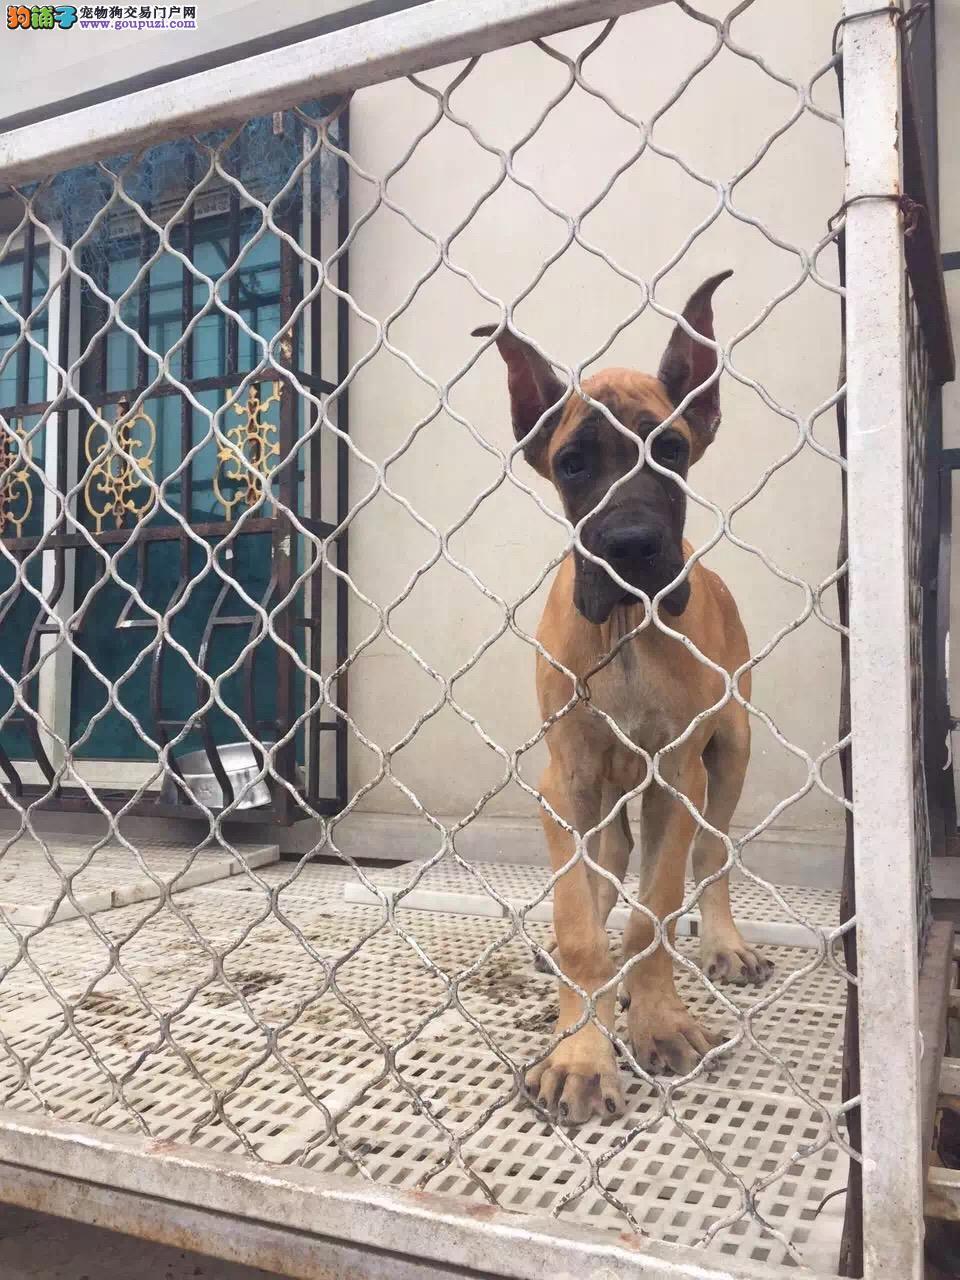 出售多种颜色西安纯种大丹犬幼犬包售后包退换